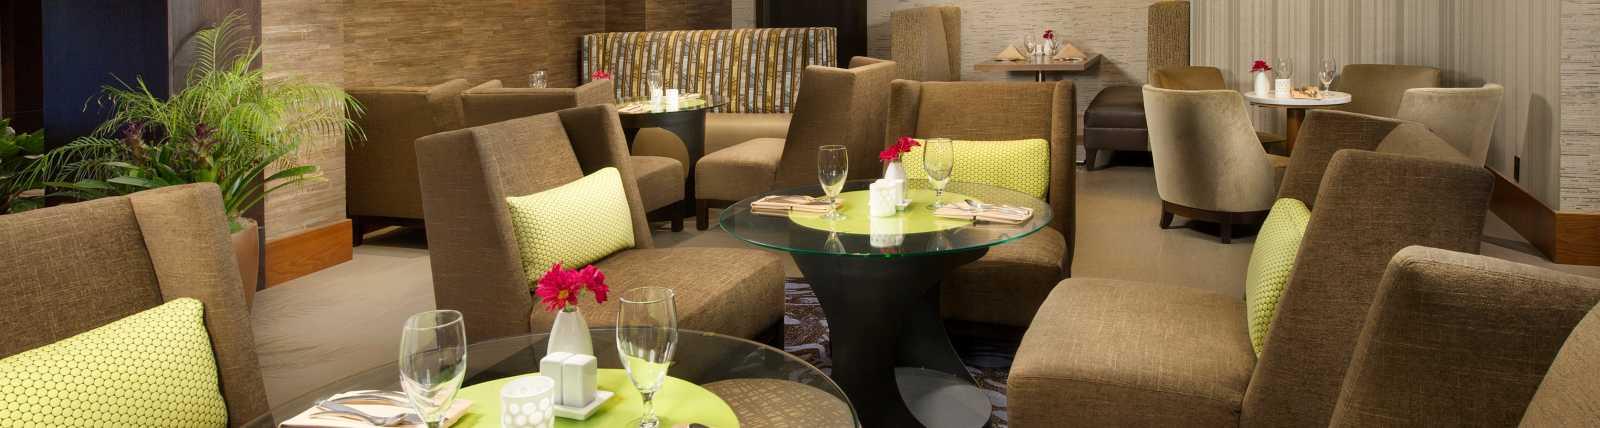 Lobby Restaurant Area